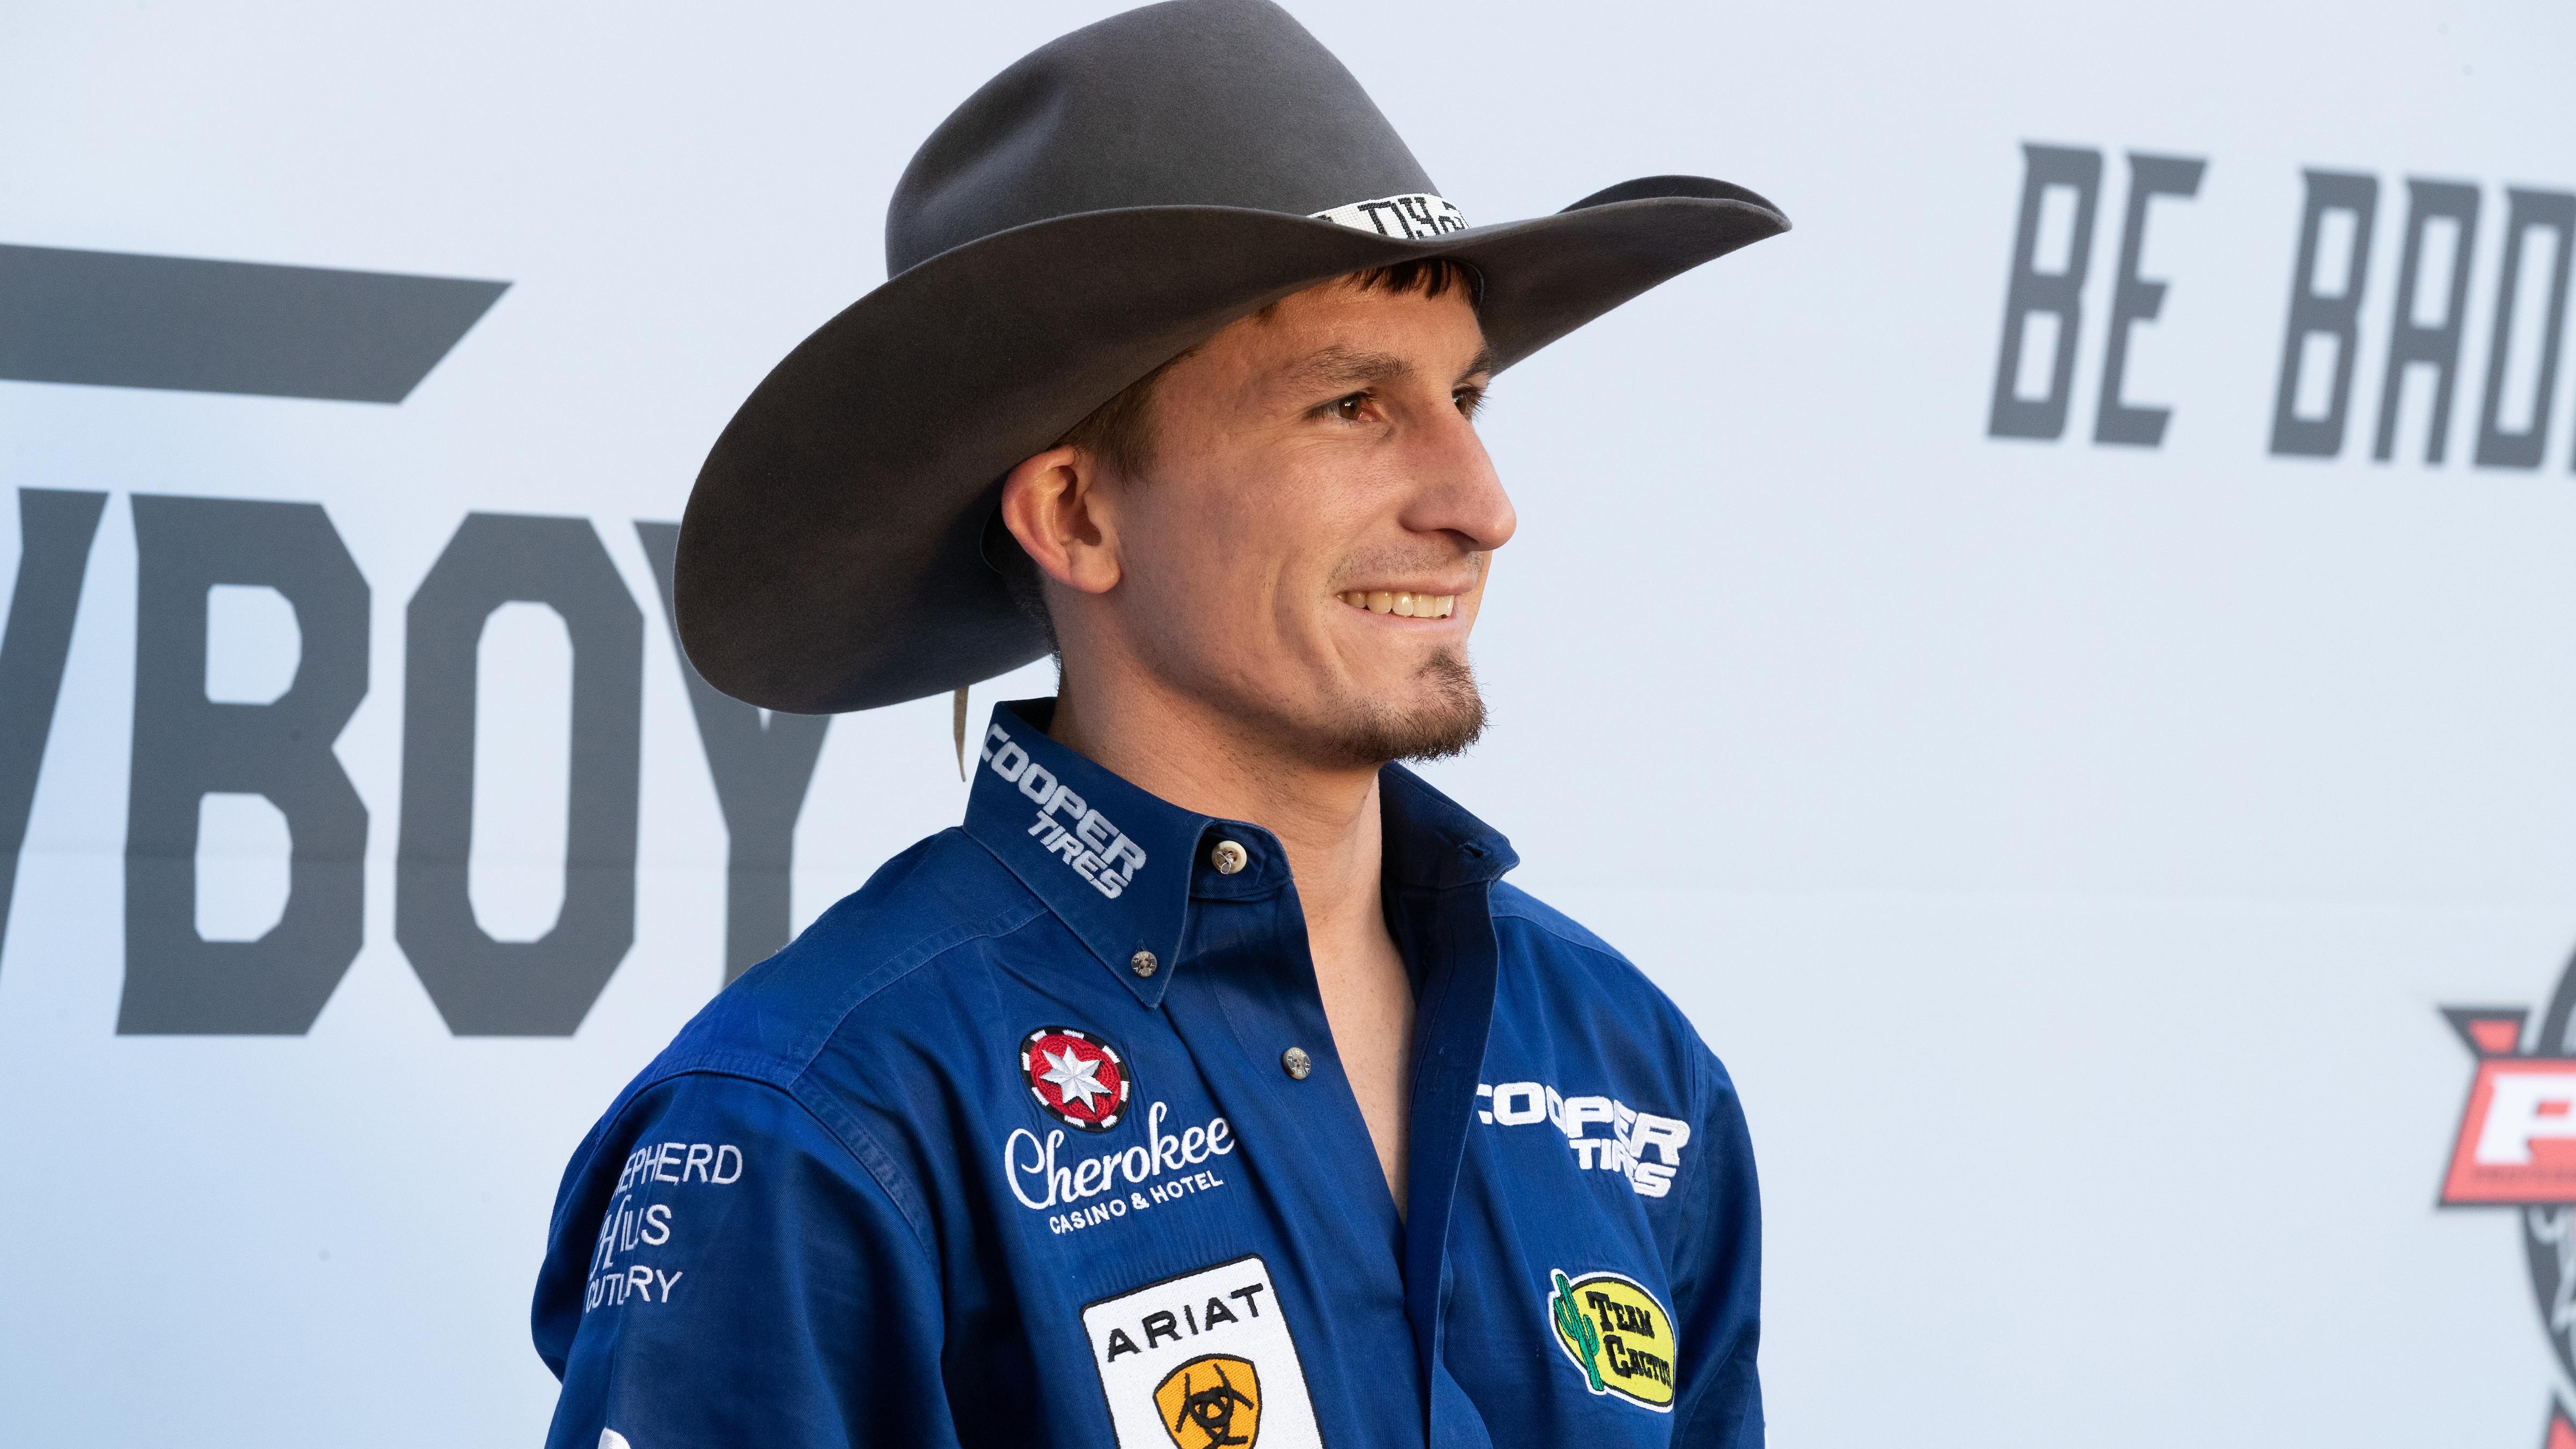 Urban Cowboy: Dirteater a New Mechanical Bull Brand Ambassador